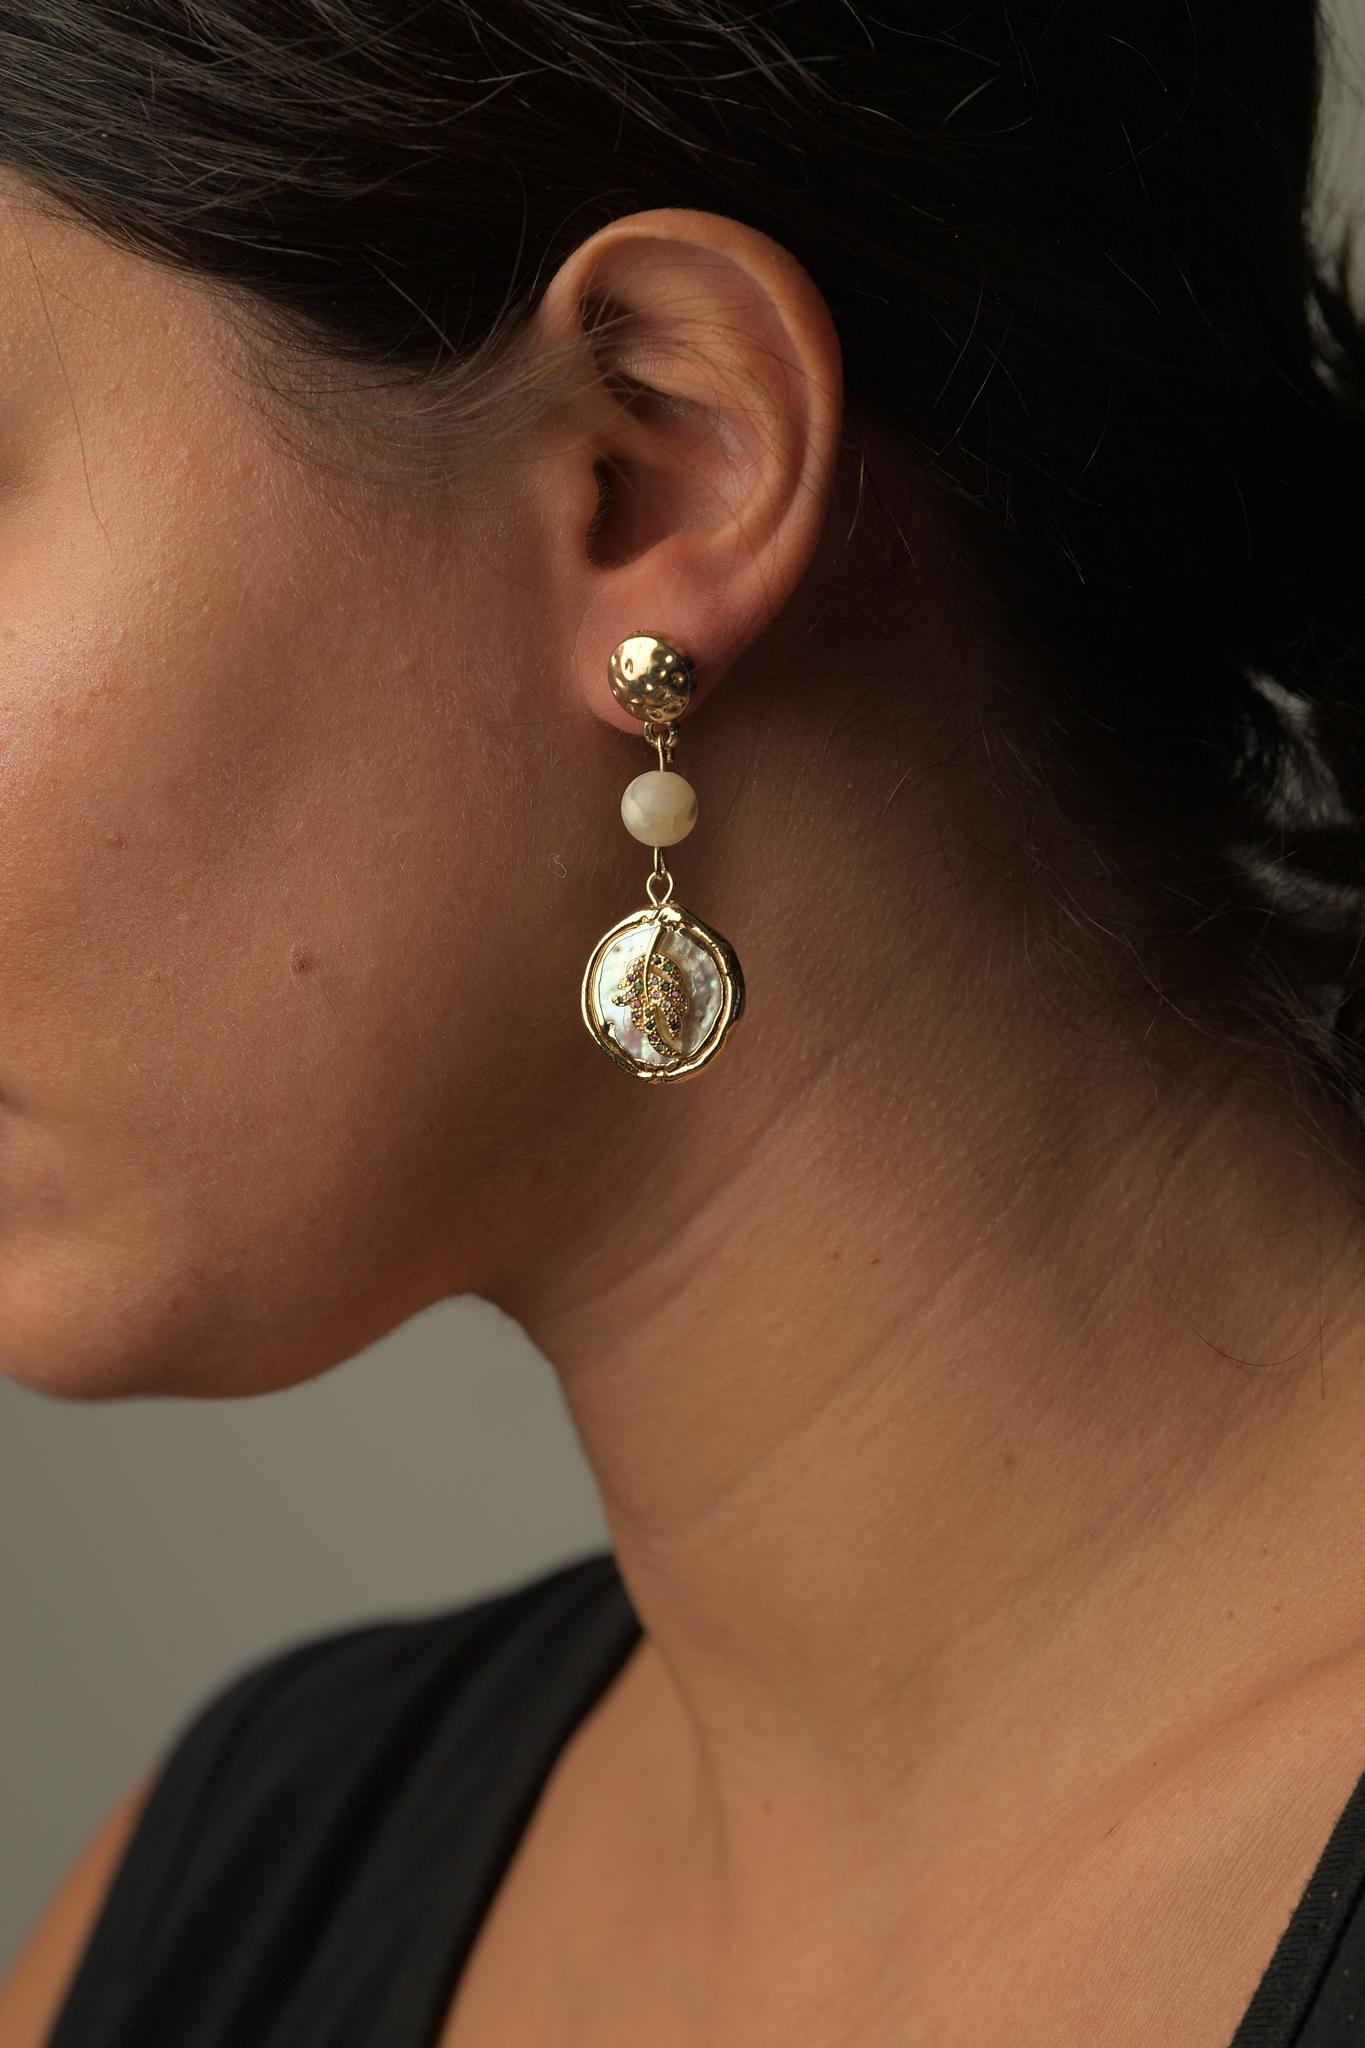 Γυναικεία Σκουλαρίκια Μαργαριτάρια